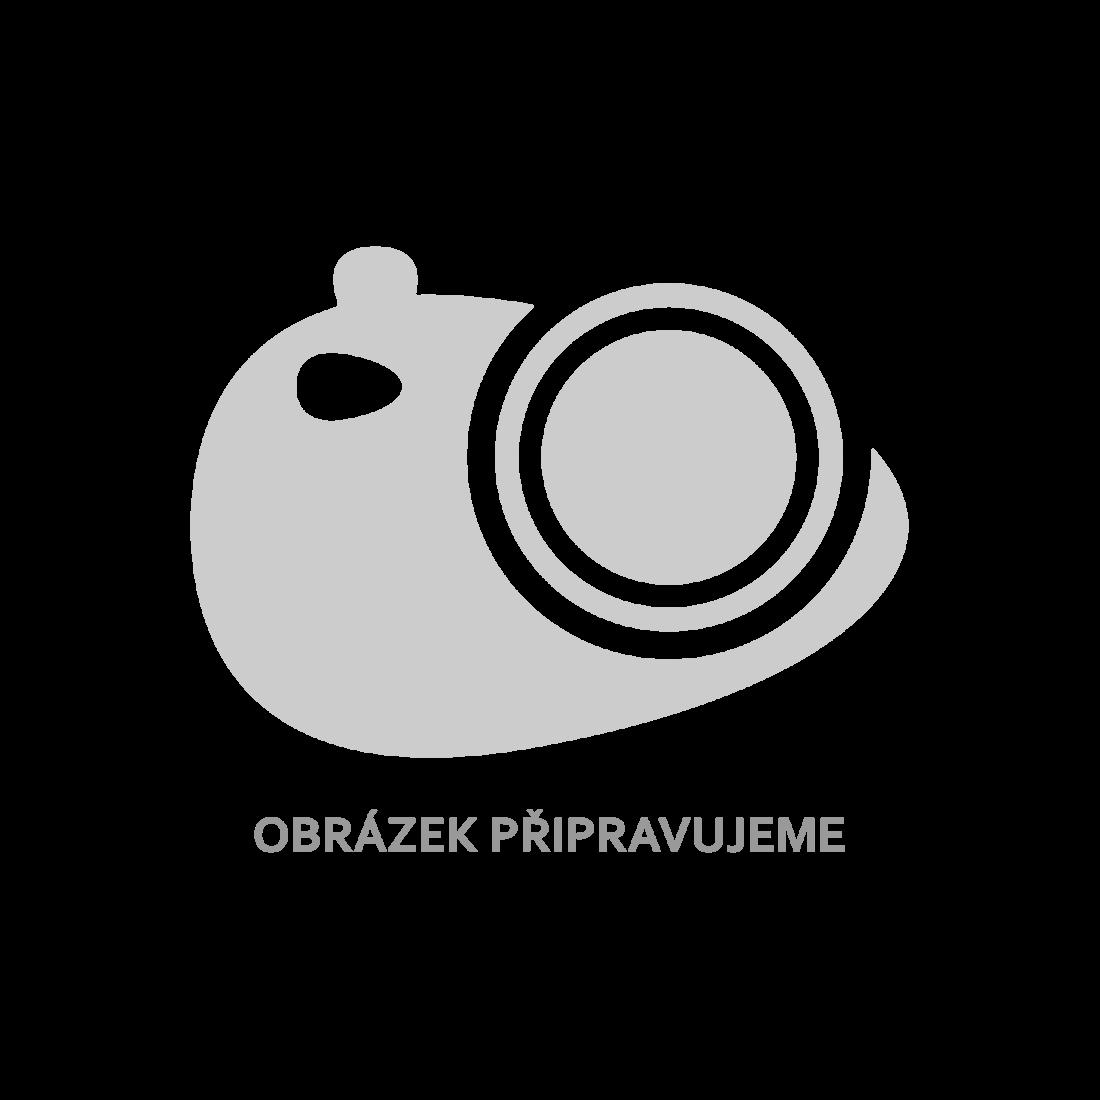 Venkovní skládací dřevěná klec pro zvířata